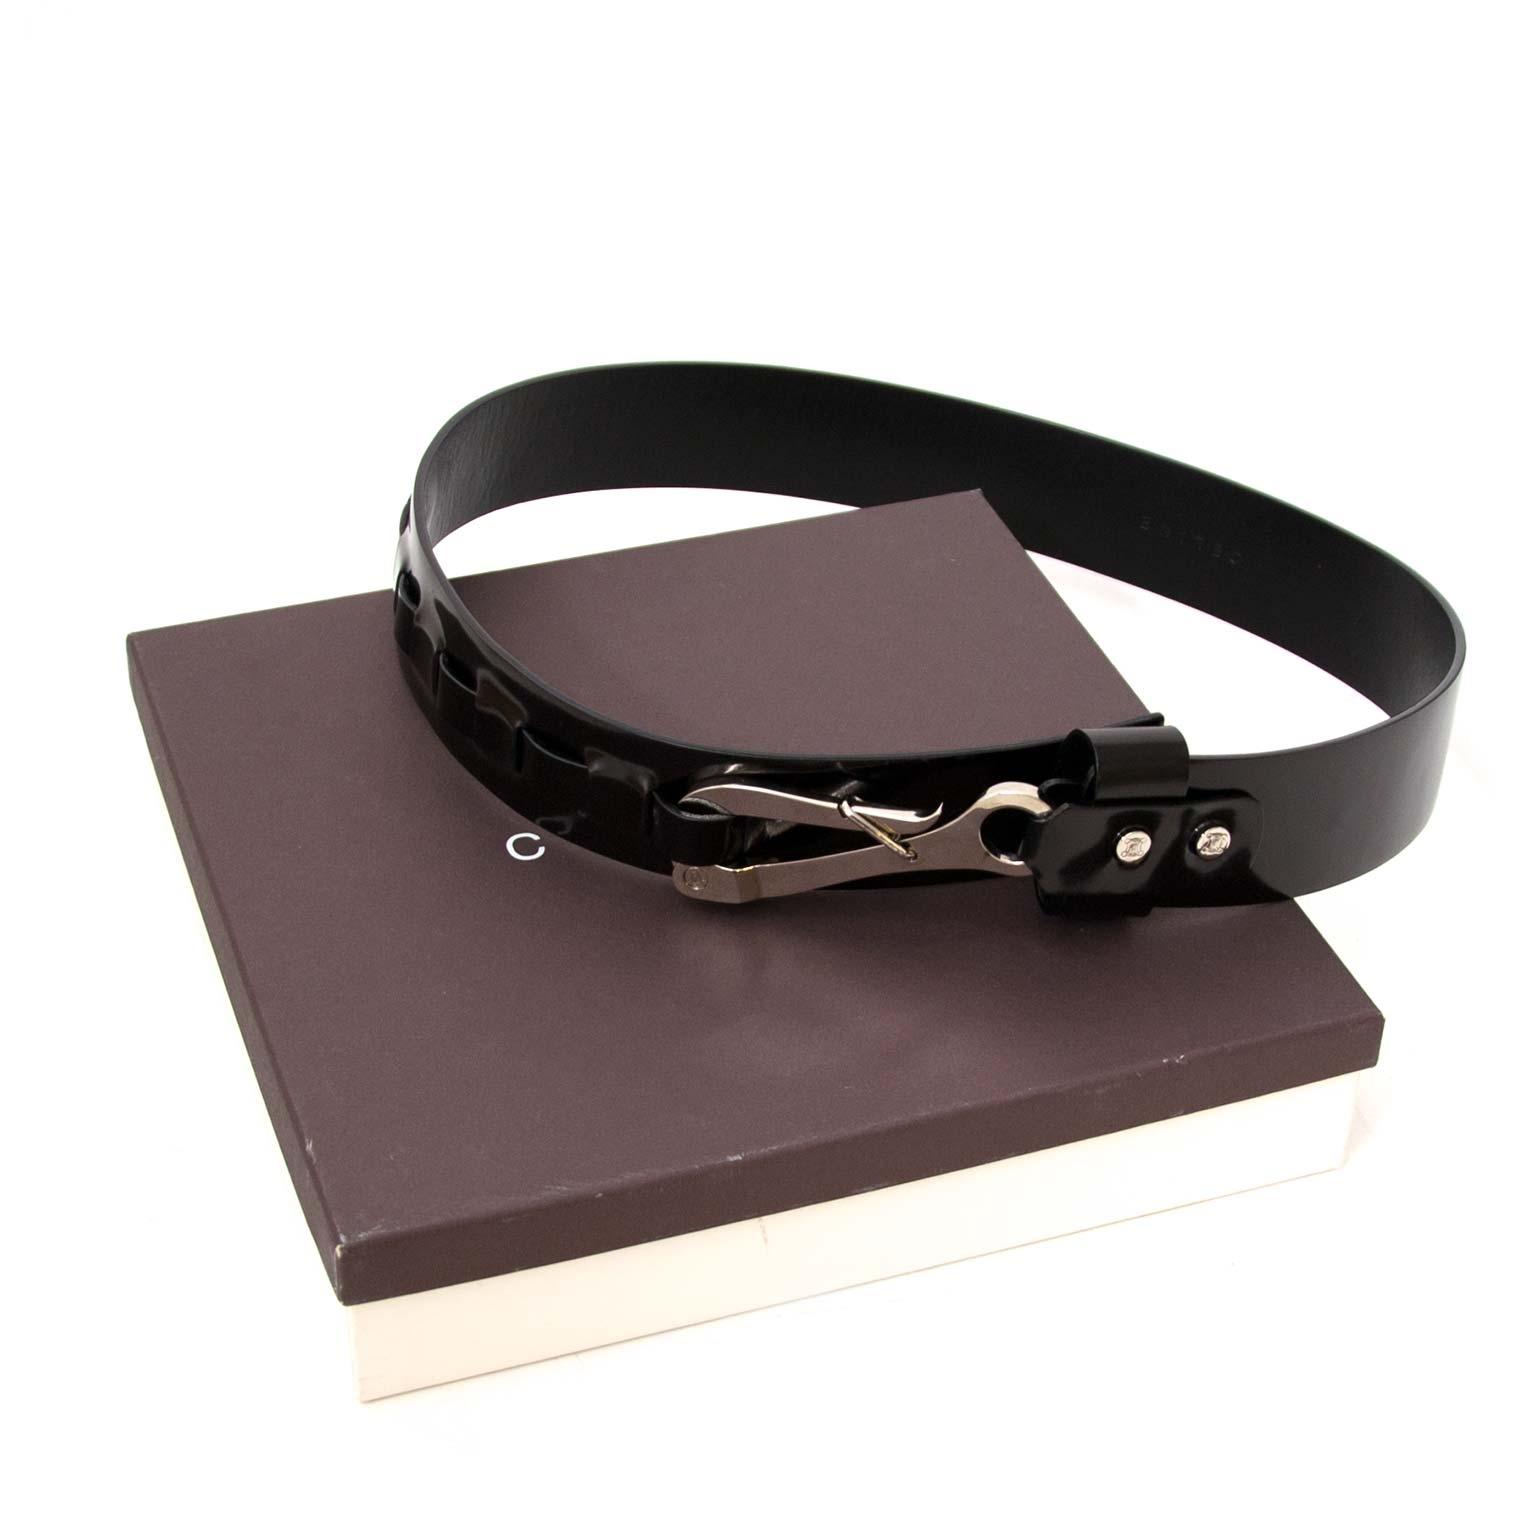 acheter en ligne seconde main Celine Black Belt